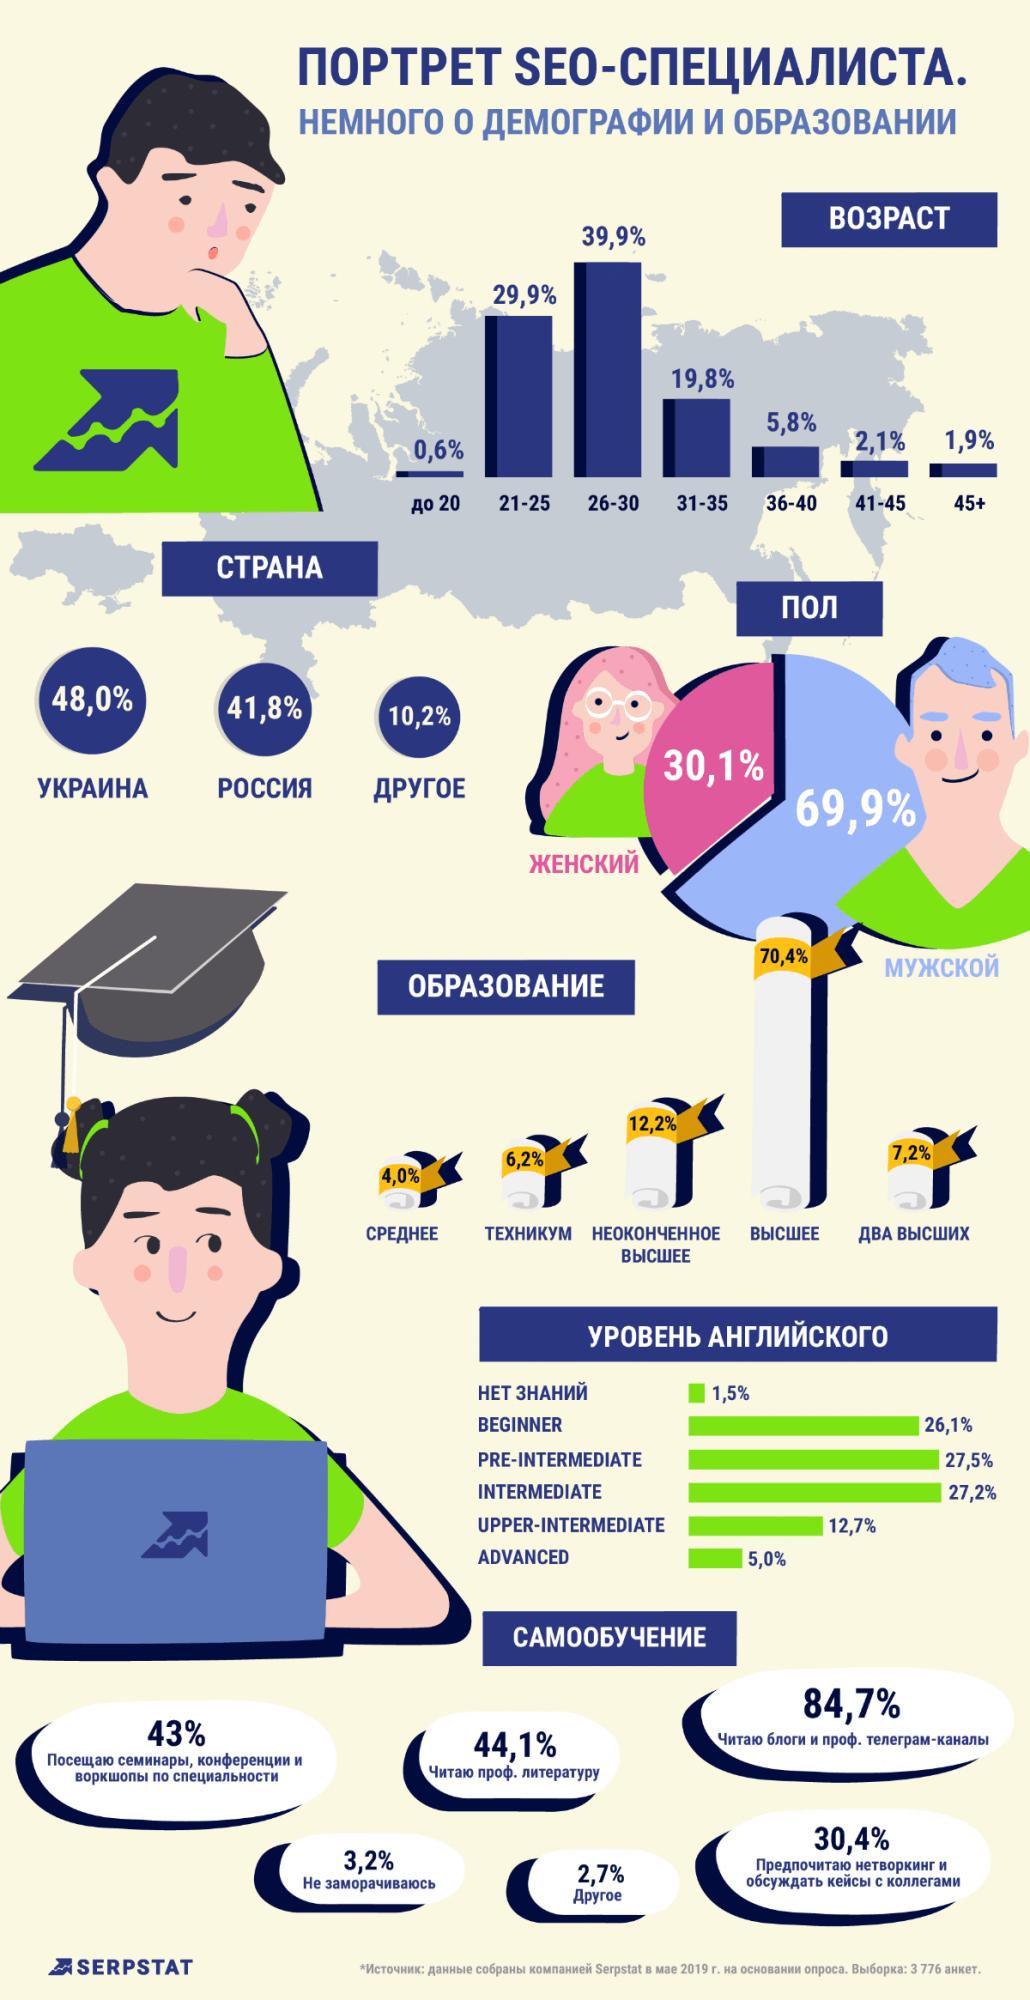 ольшинство SEO-специалистов имеют высшее образование, знают английский язык